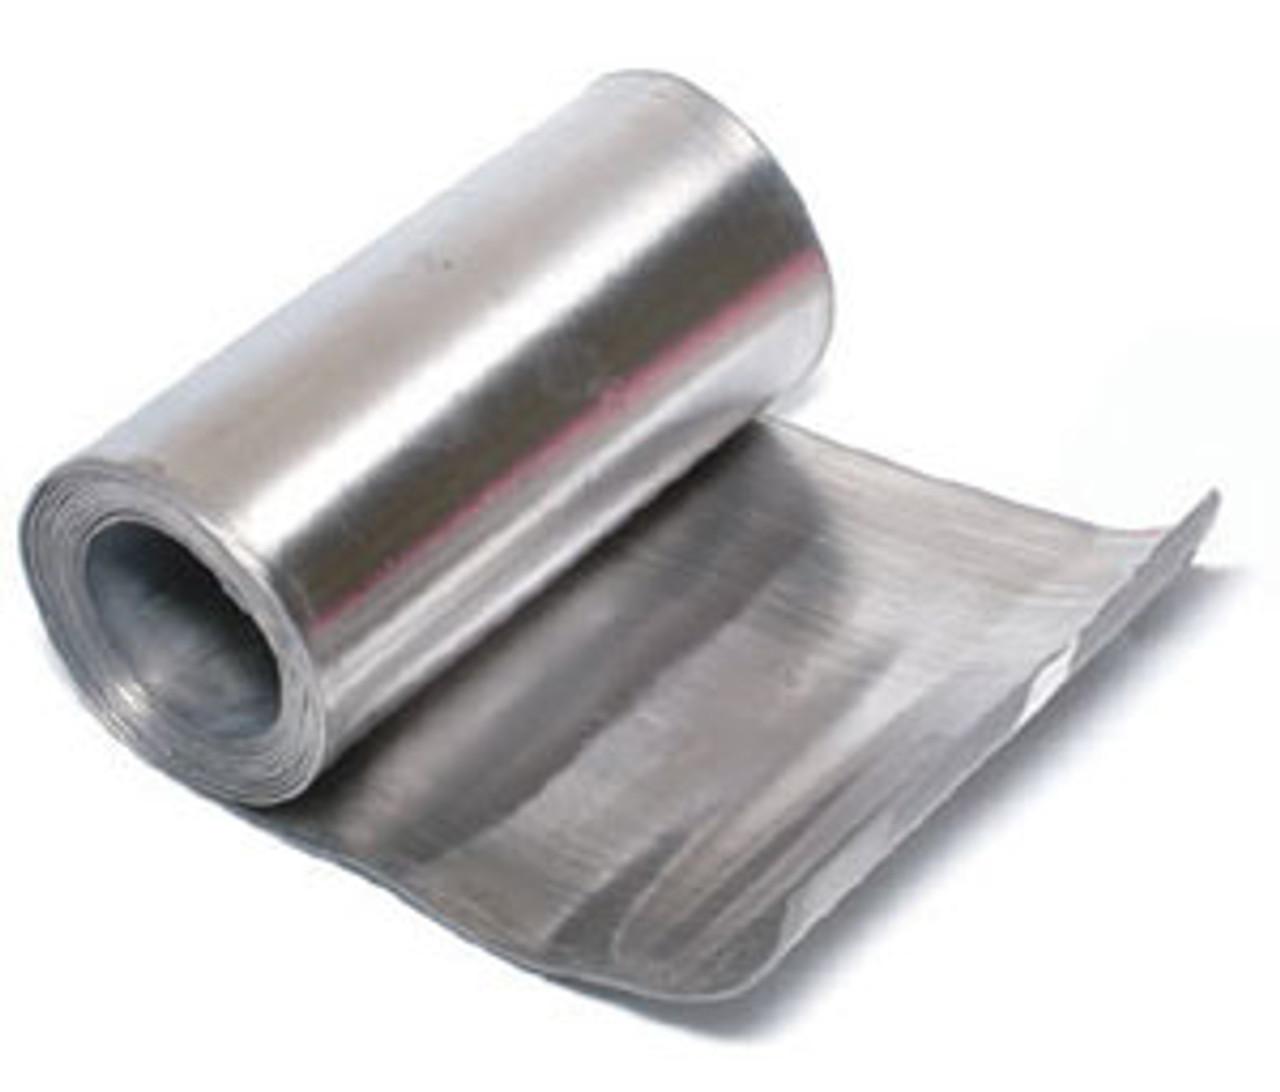 """Lead Metal Sheet, 4 Sq. Ft (1' x 4' x 1/16""""), 14 - 15 Lbs"""